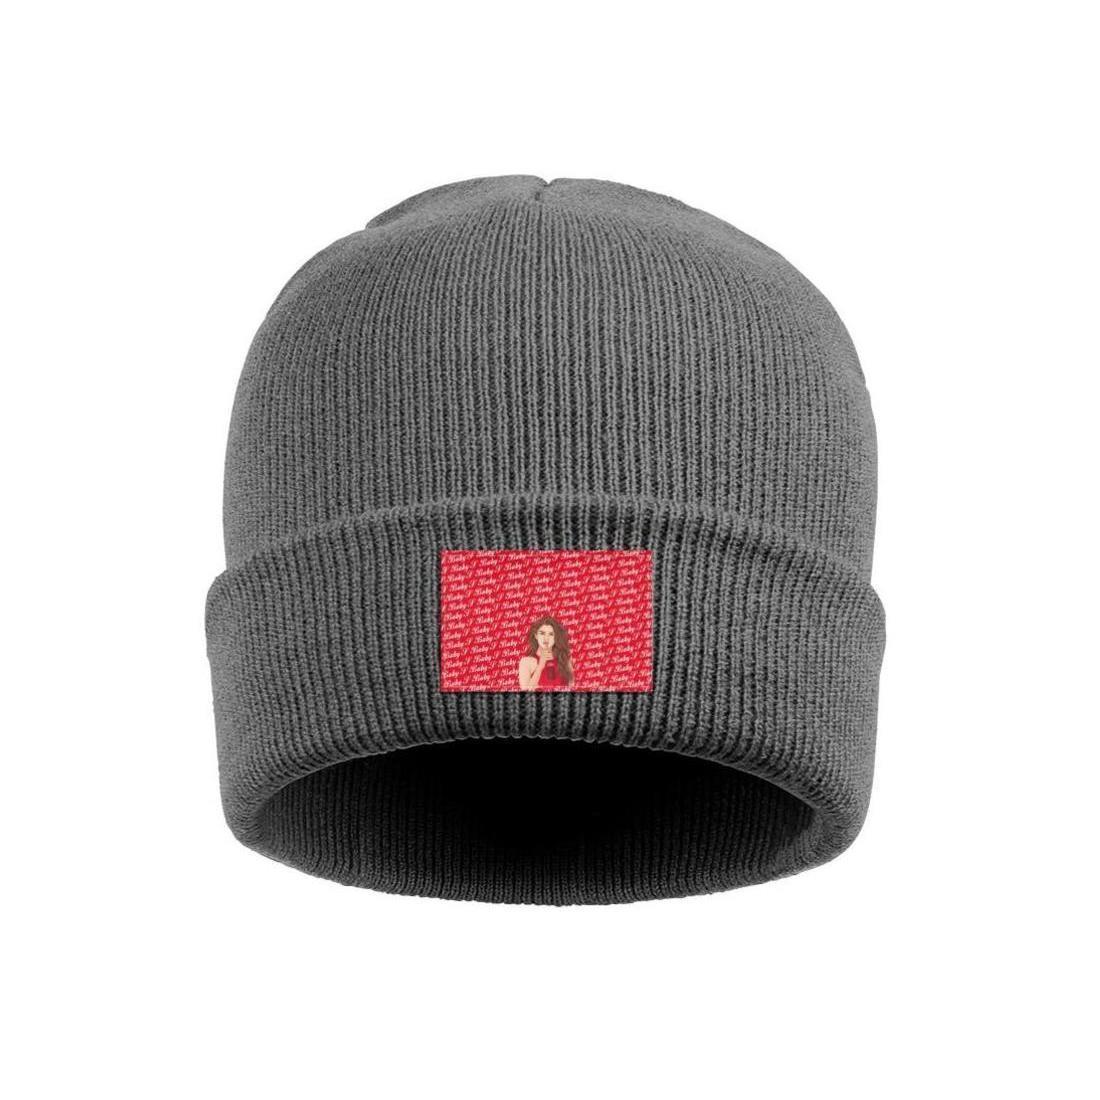 Logo Revival S için Moda Selena Gomez 04 Manşet kızak Beanie Kafatası Şapka Sokak Dans şey İlkbahar Partisi 2018 logosu dinle